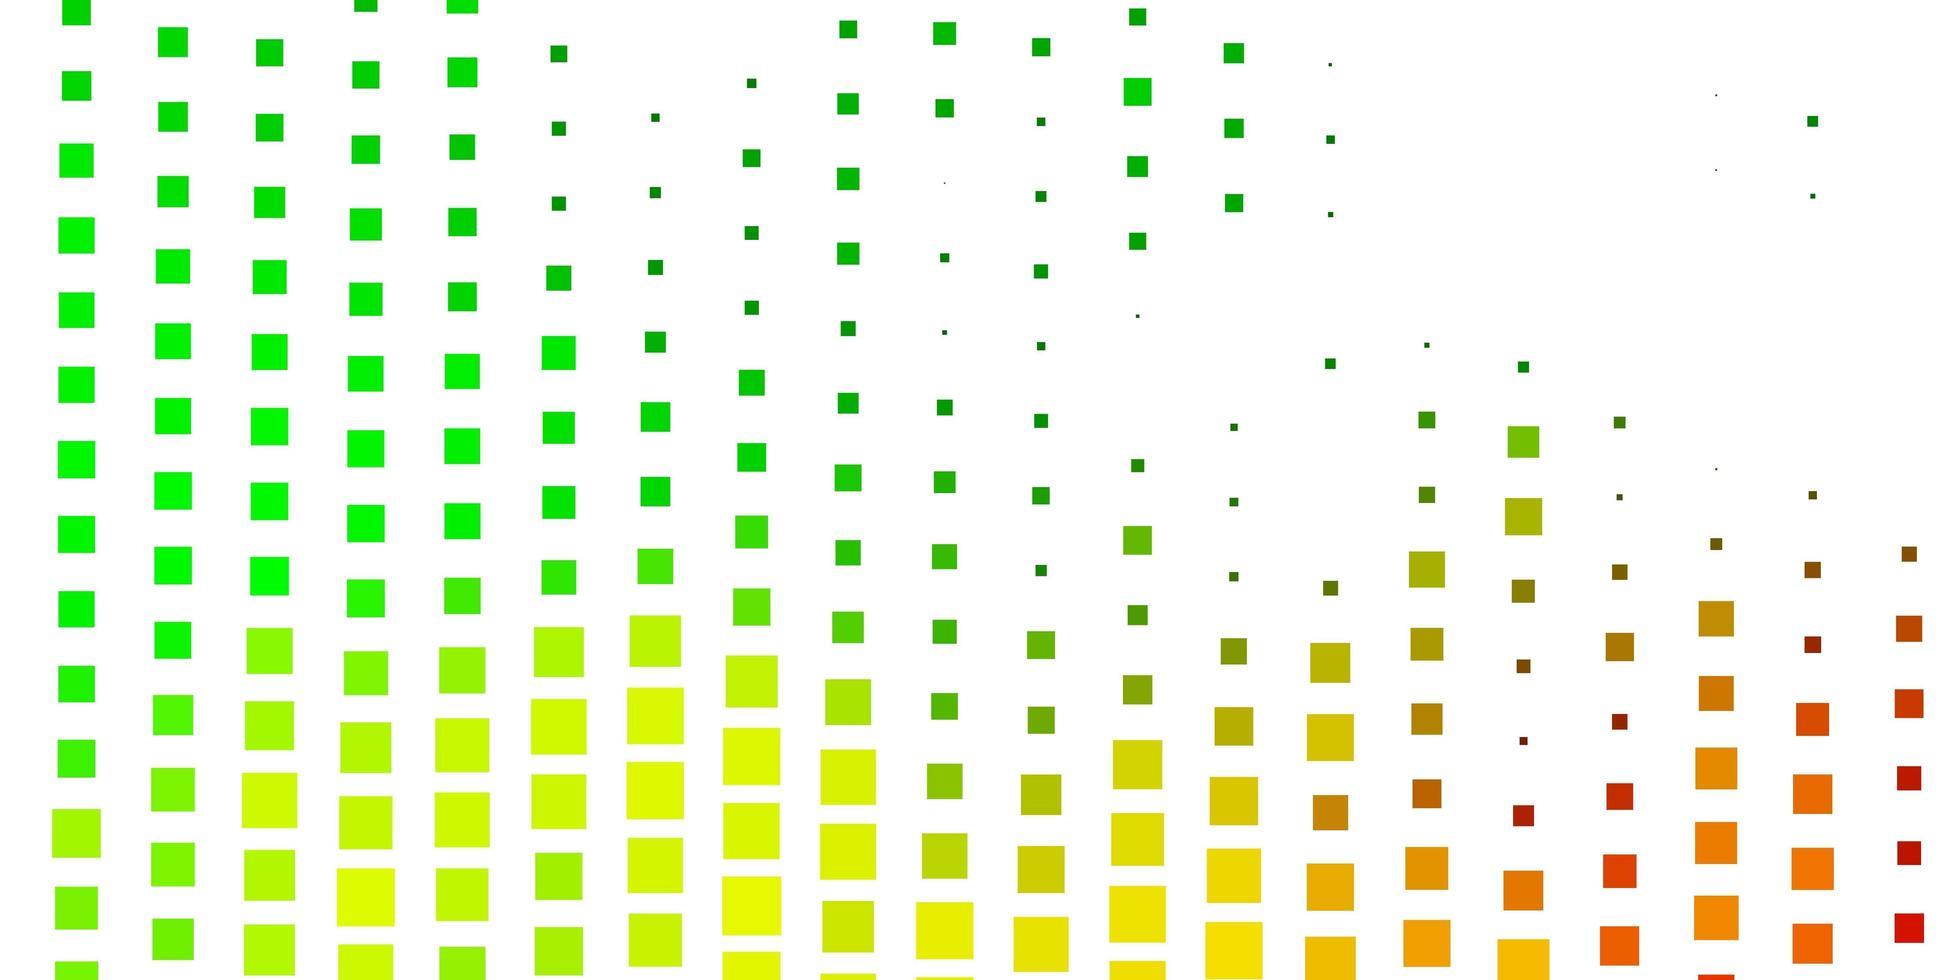 ljusgrön, gul vektorbakgrund med rektanglar. vektor